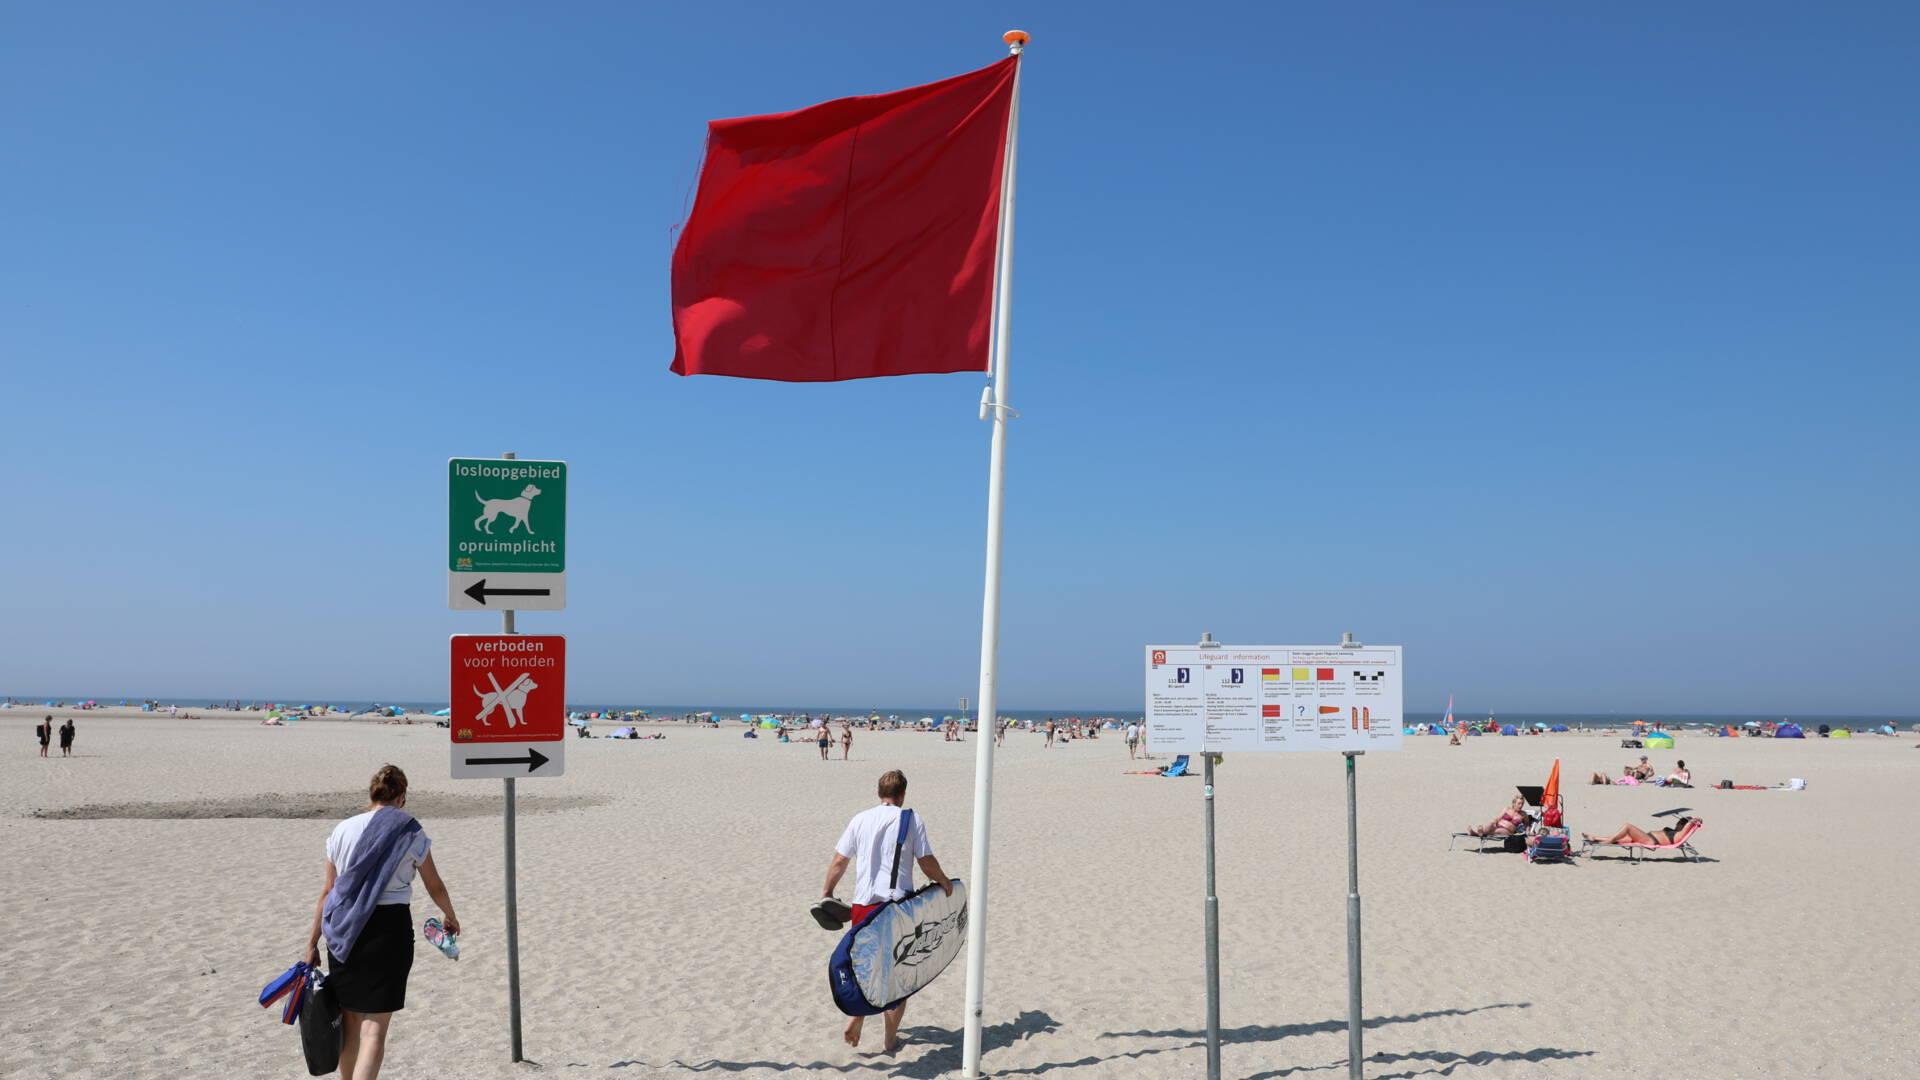 رفع العلم الأحمر على شاطئ لاهاي بأكمله